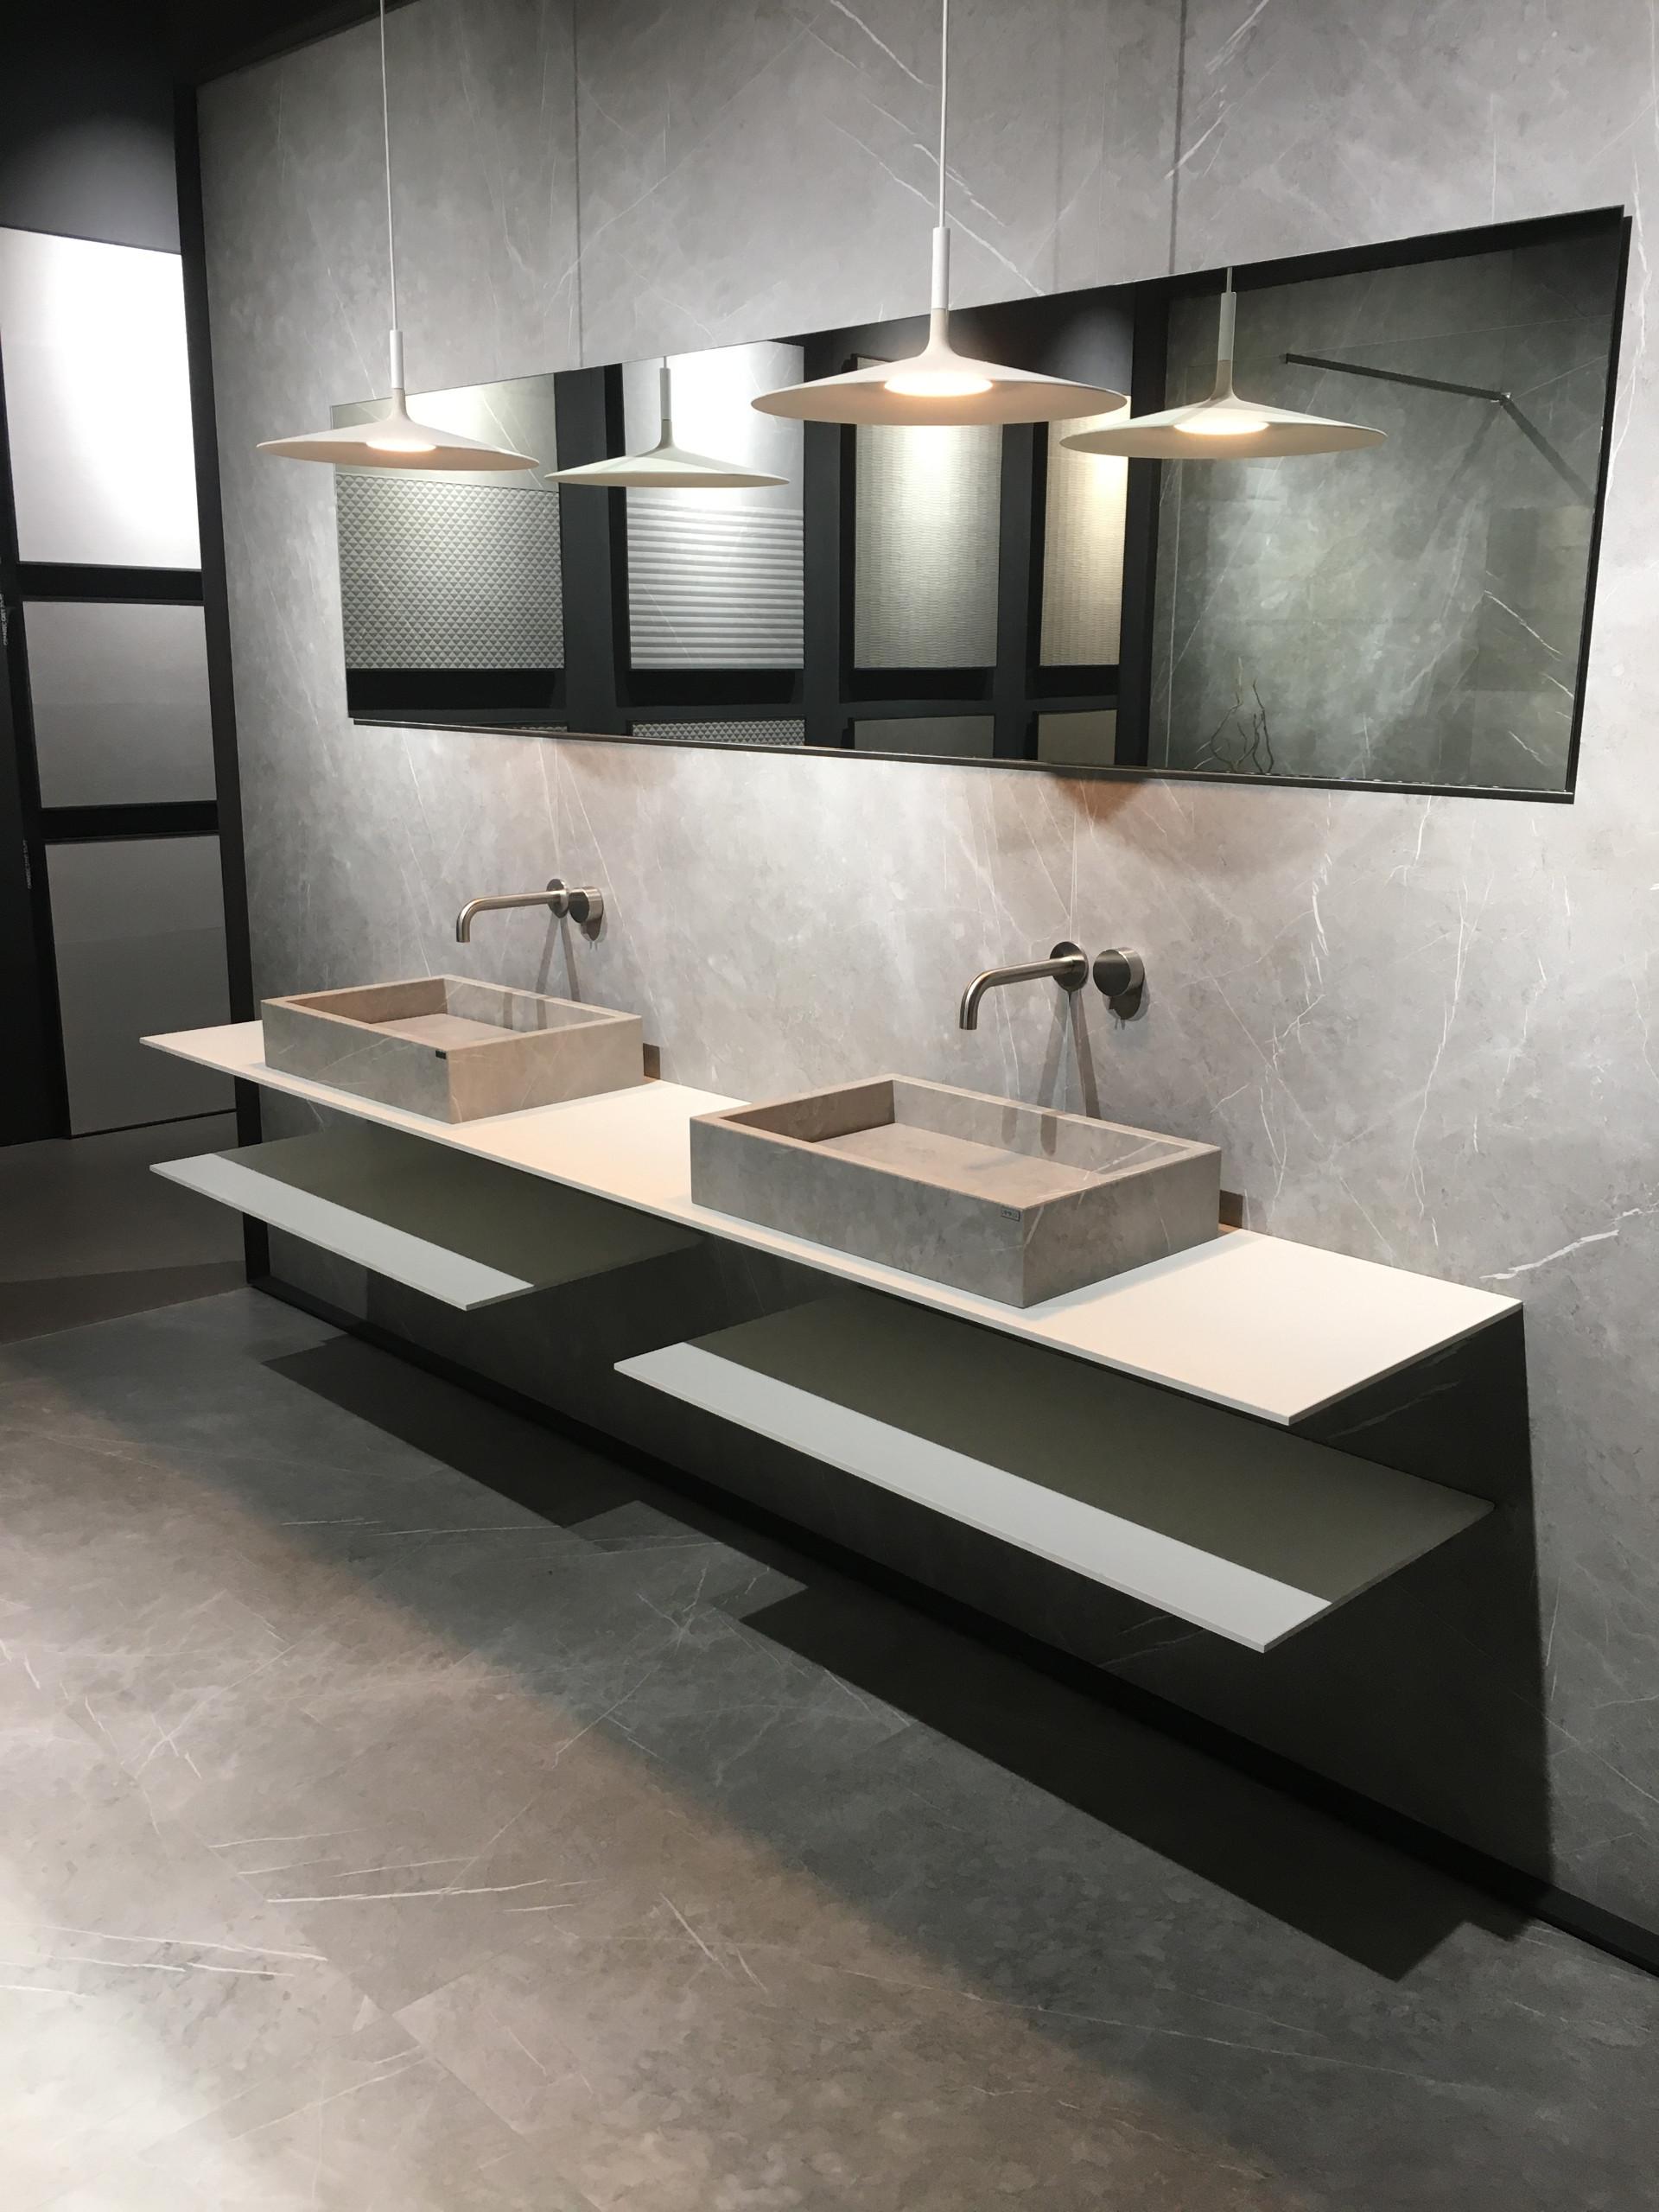 feria-internacional-ceramica-azulejo-bano-cevisama-2020-8